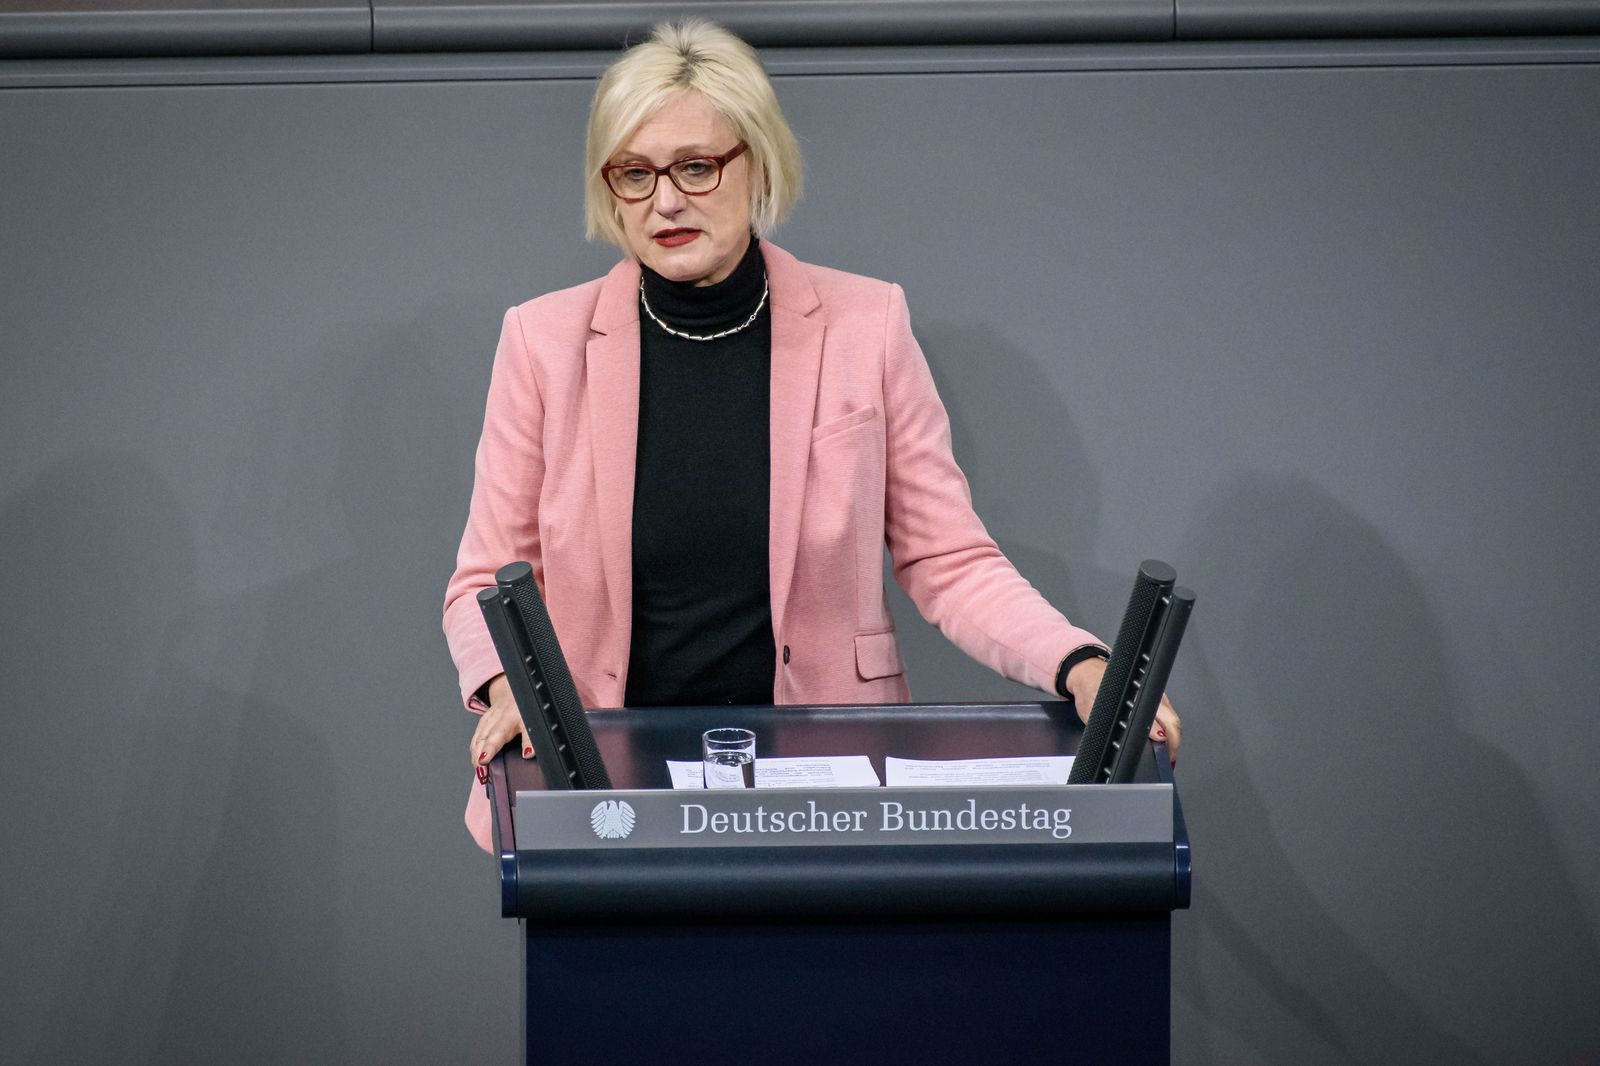 Berlin, Plenarsitzung im Bundestag Deutschland, Berlin - 11.12.2019: Im Bild ist Dagmar Ziegler (spd) während der Sitzun